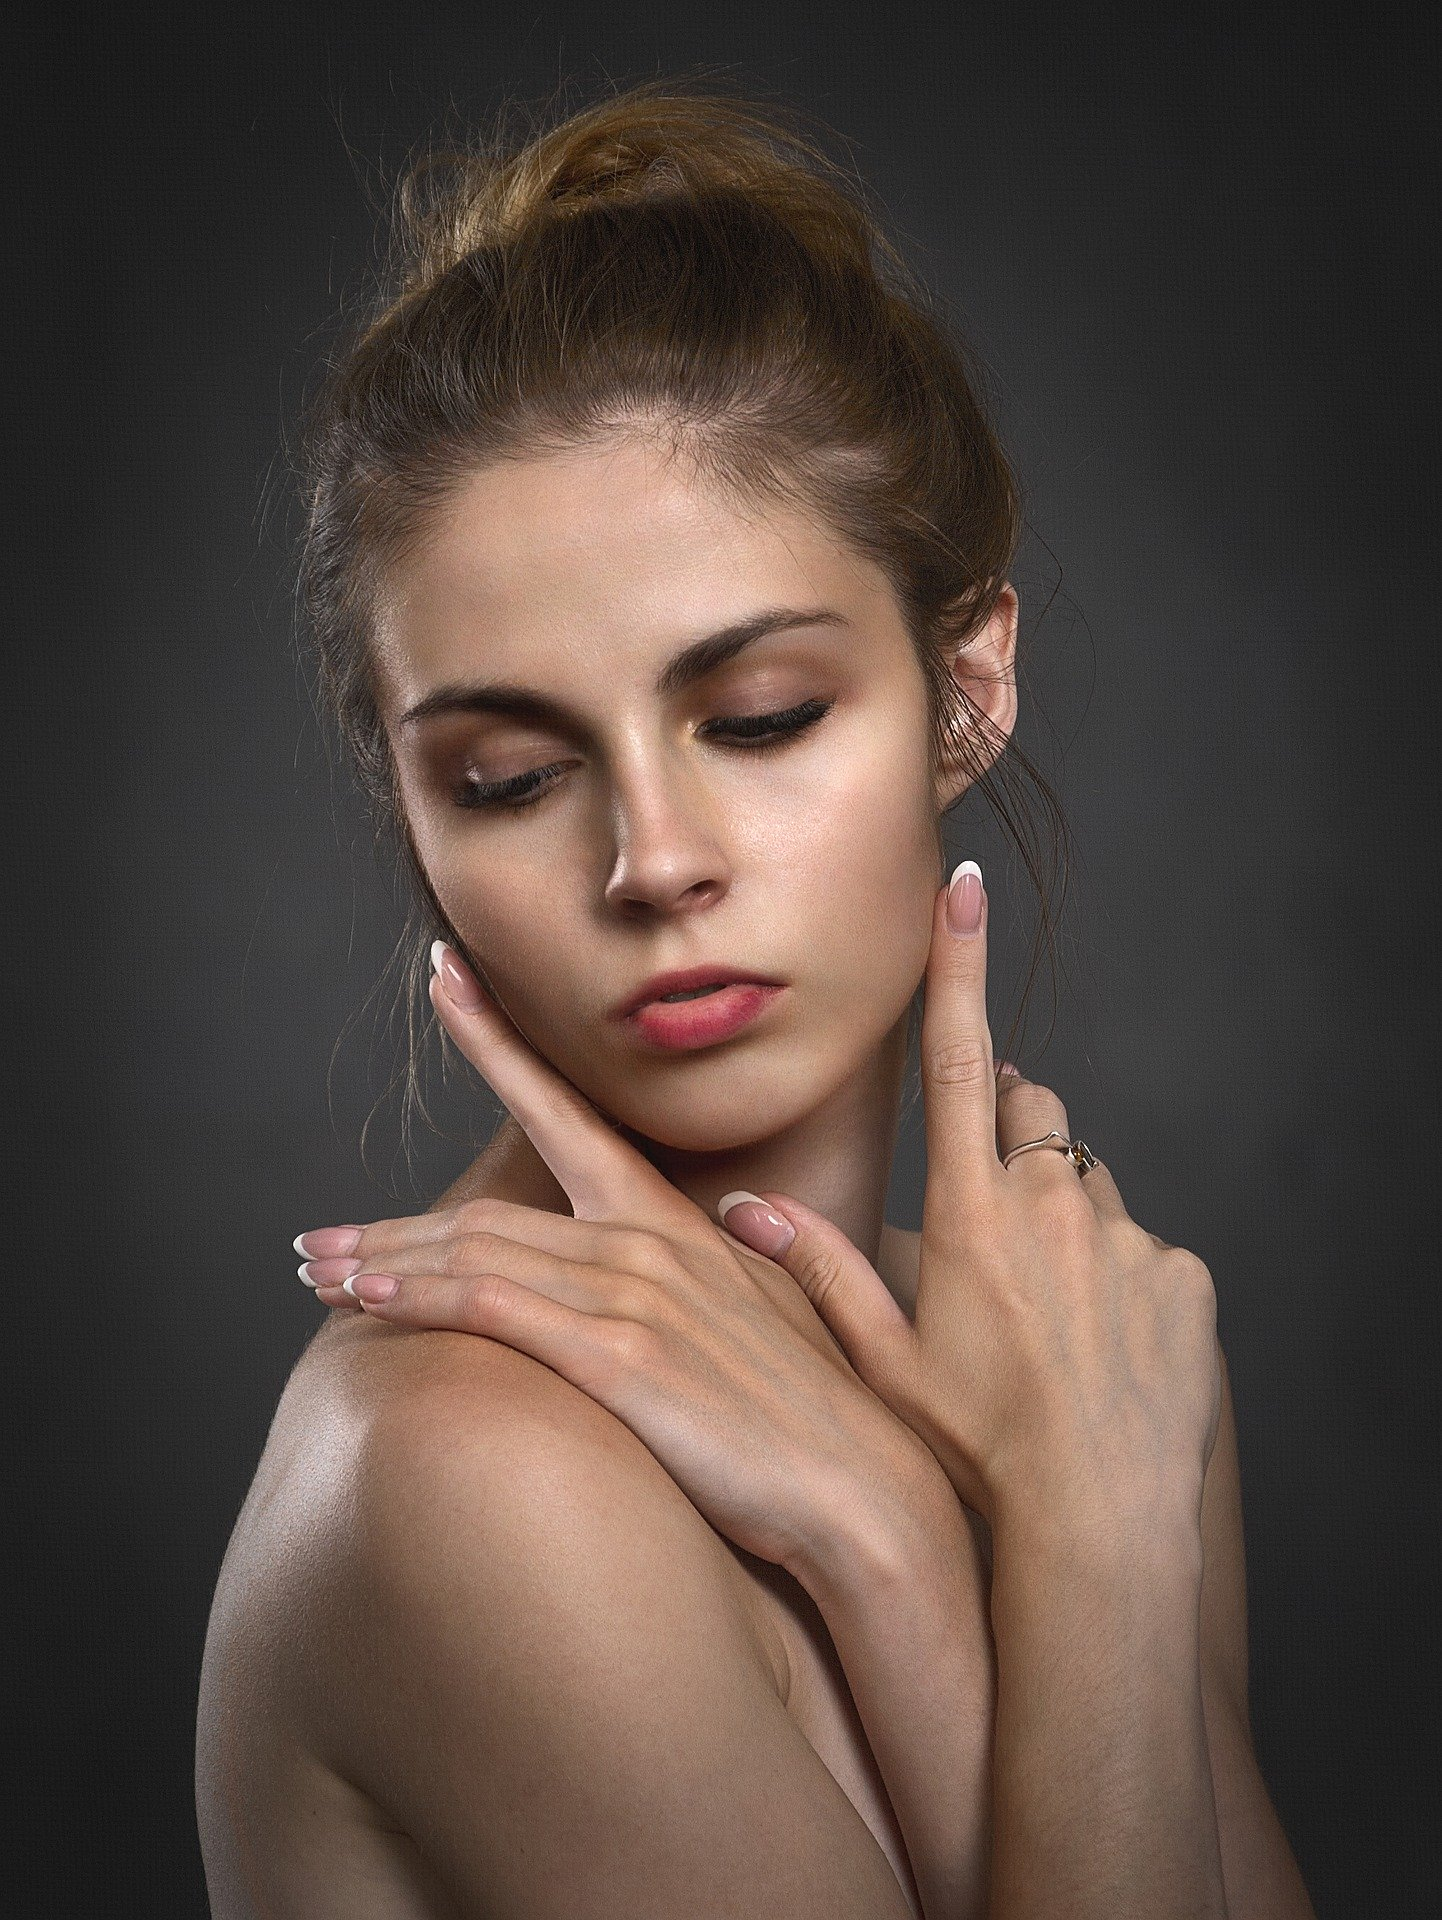 Cuidados básicos para la piel al usar tapabocas / Crédito de fotos: Pixabay.com